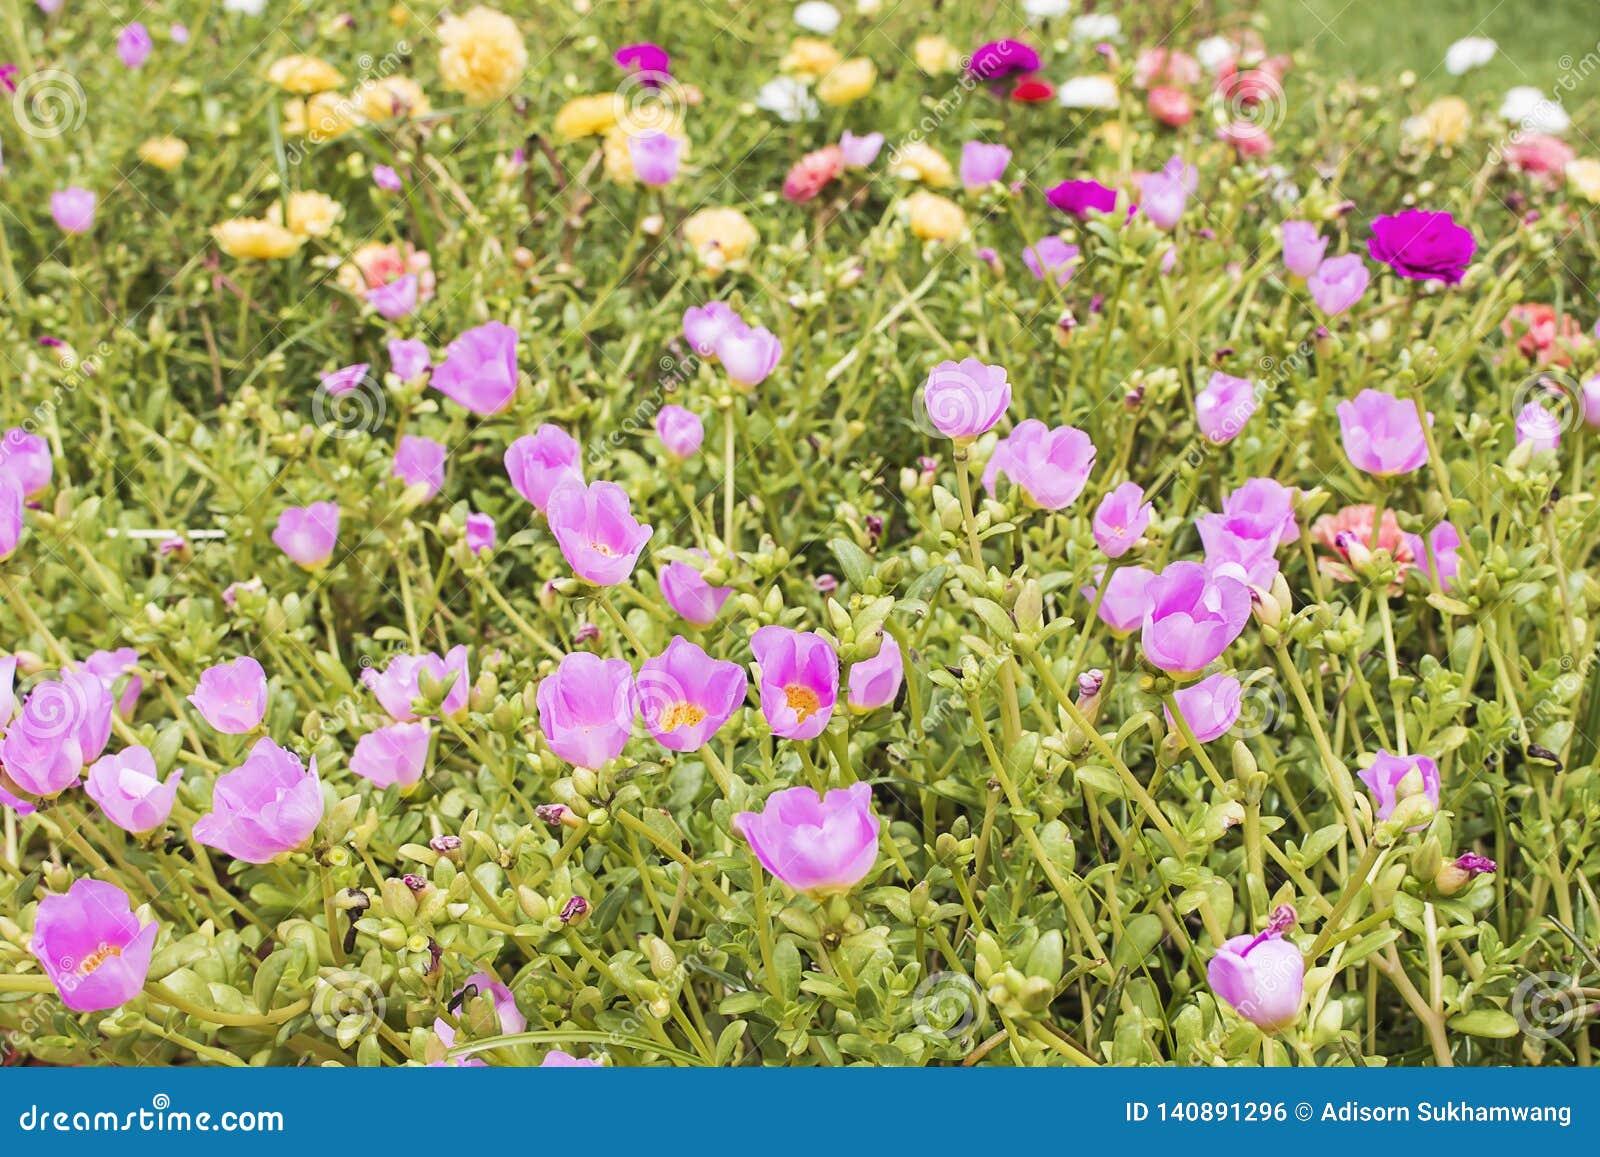 Όμορφος τομέας λουλουδιών, γλυκό χρώμα λουλουδιών, όμορφο υπόβαθρο στις ηλιόλουστες ημέρες Κοινό Purslane, Verdolaga, Pigweed, λί